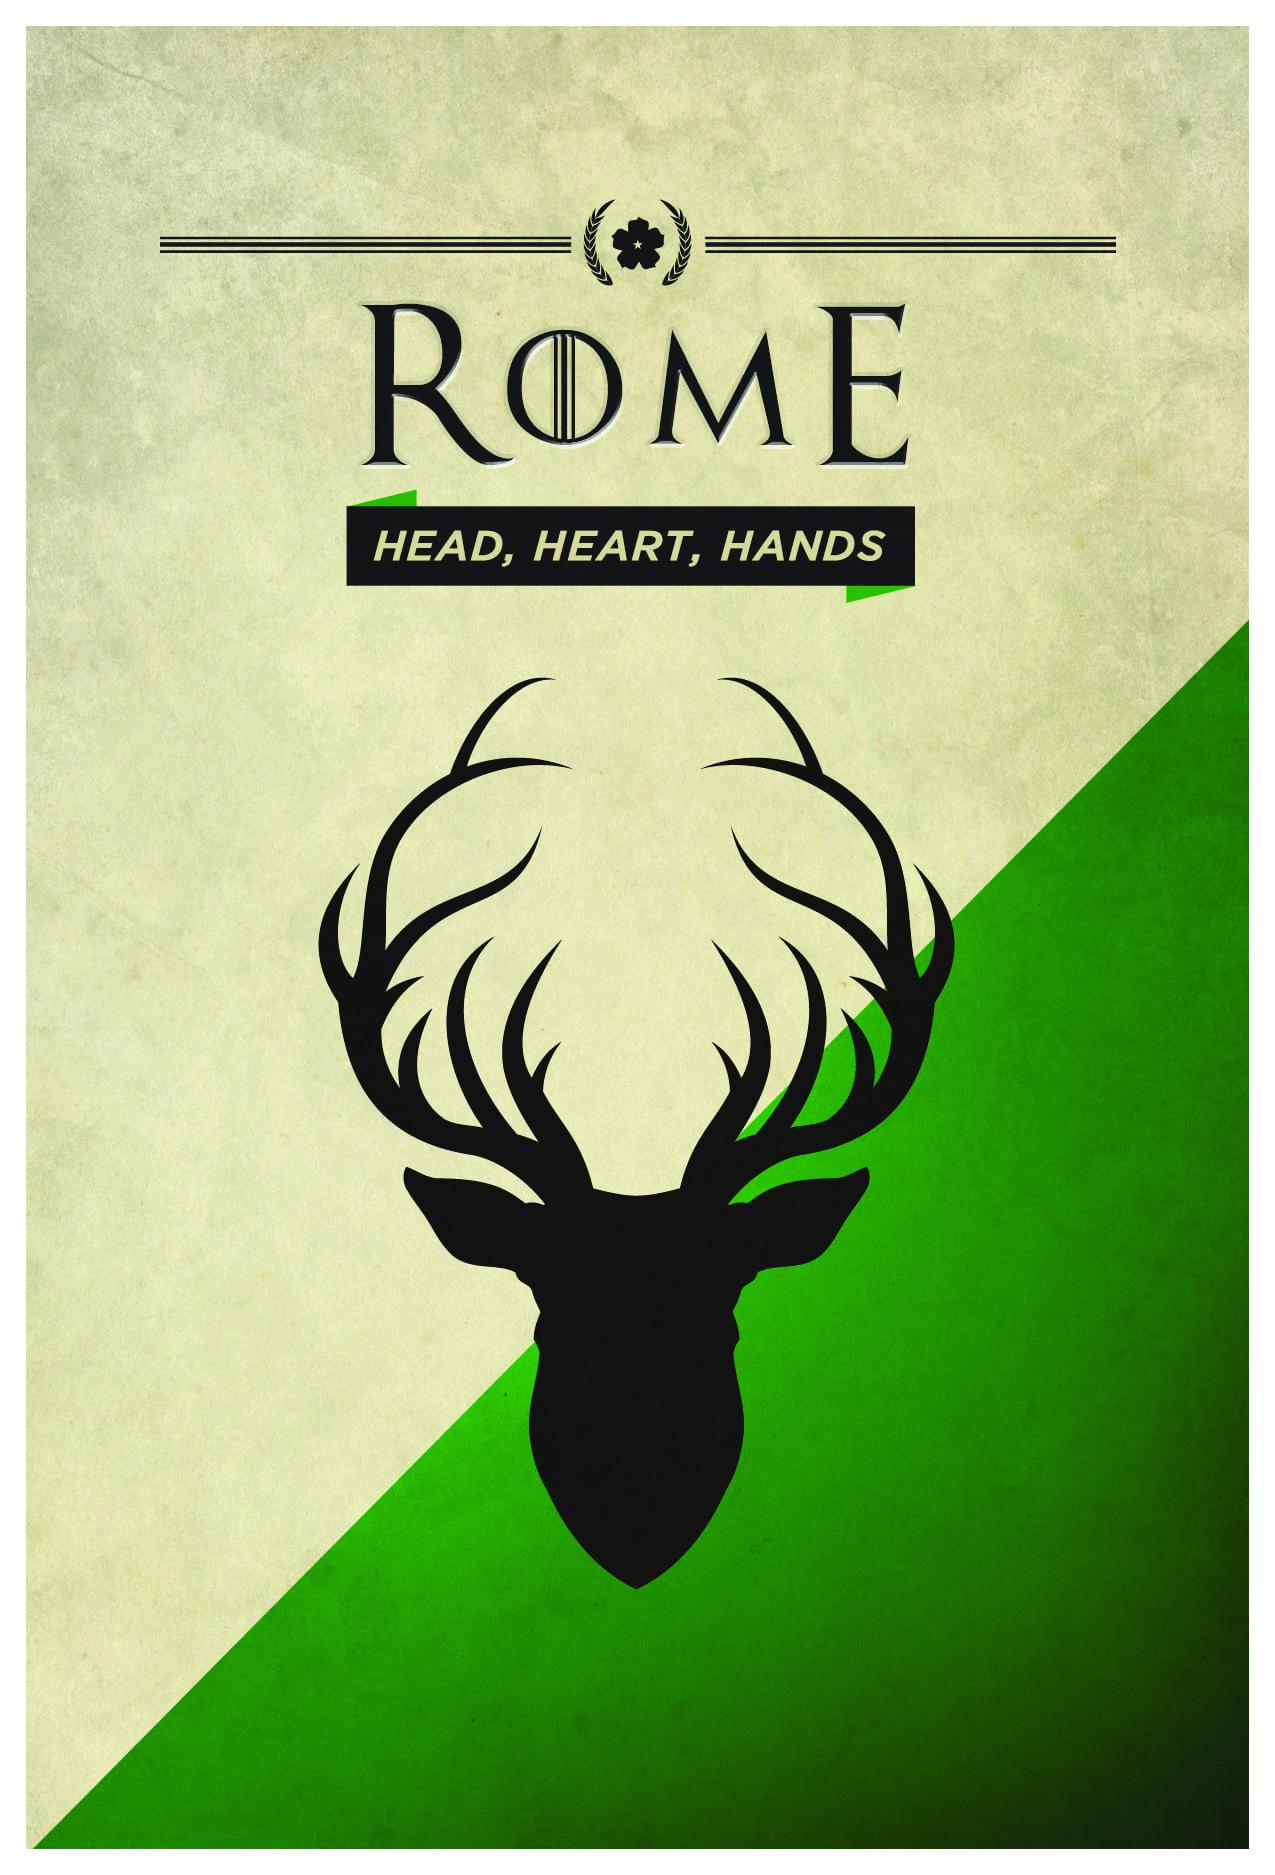 Rome_FINAL.jpg